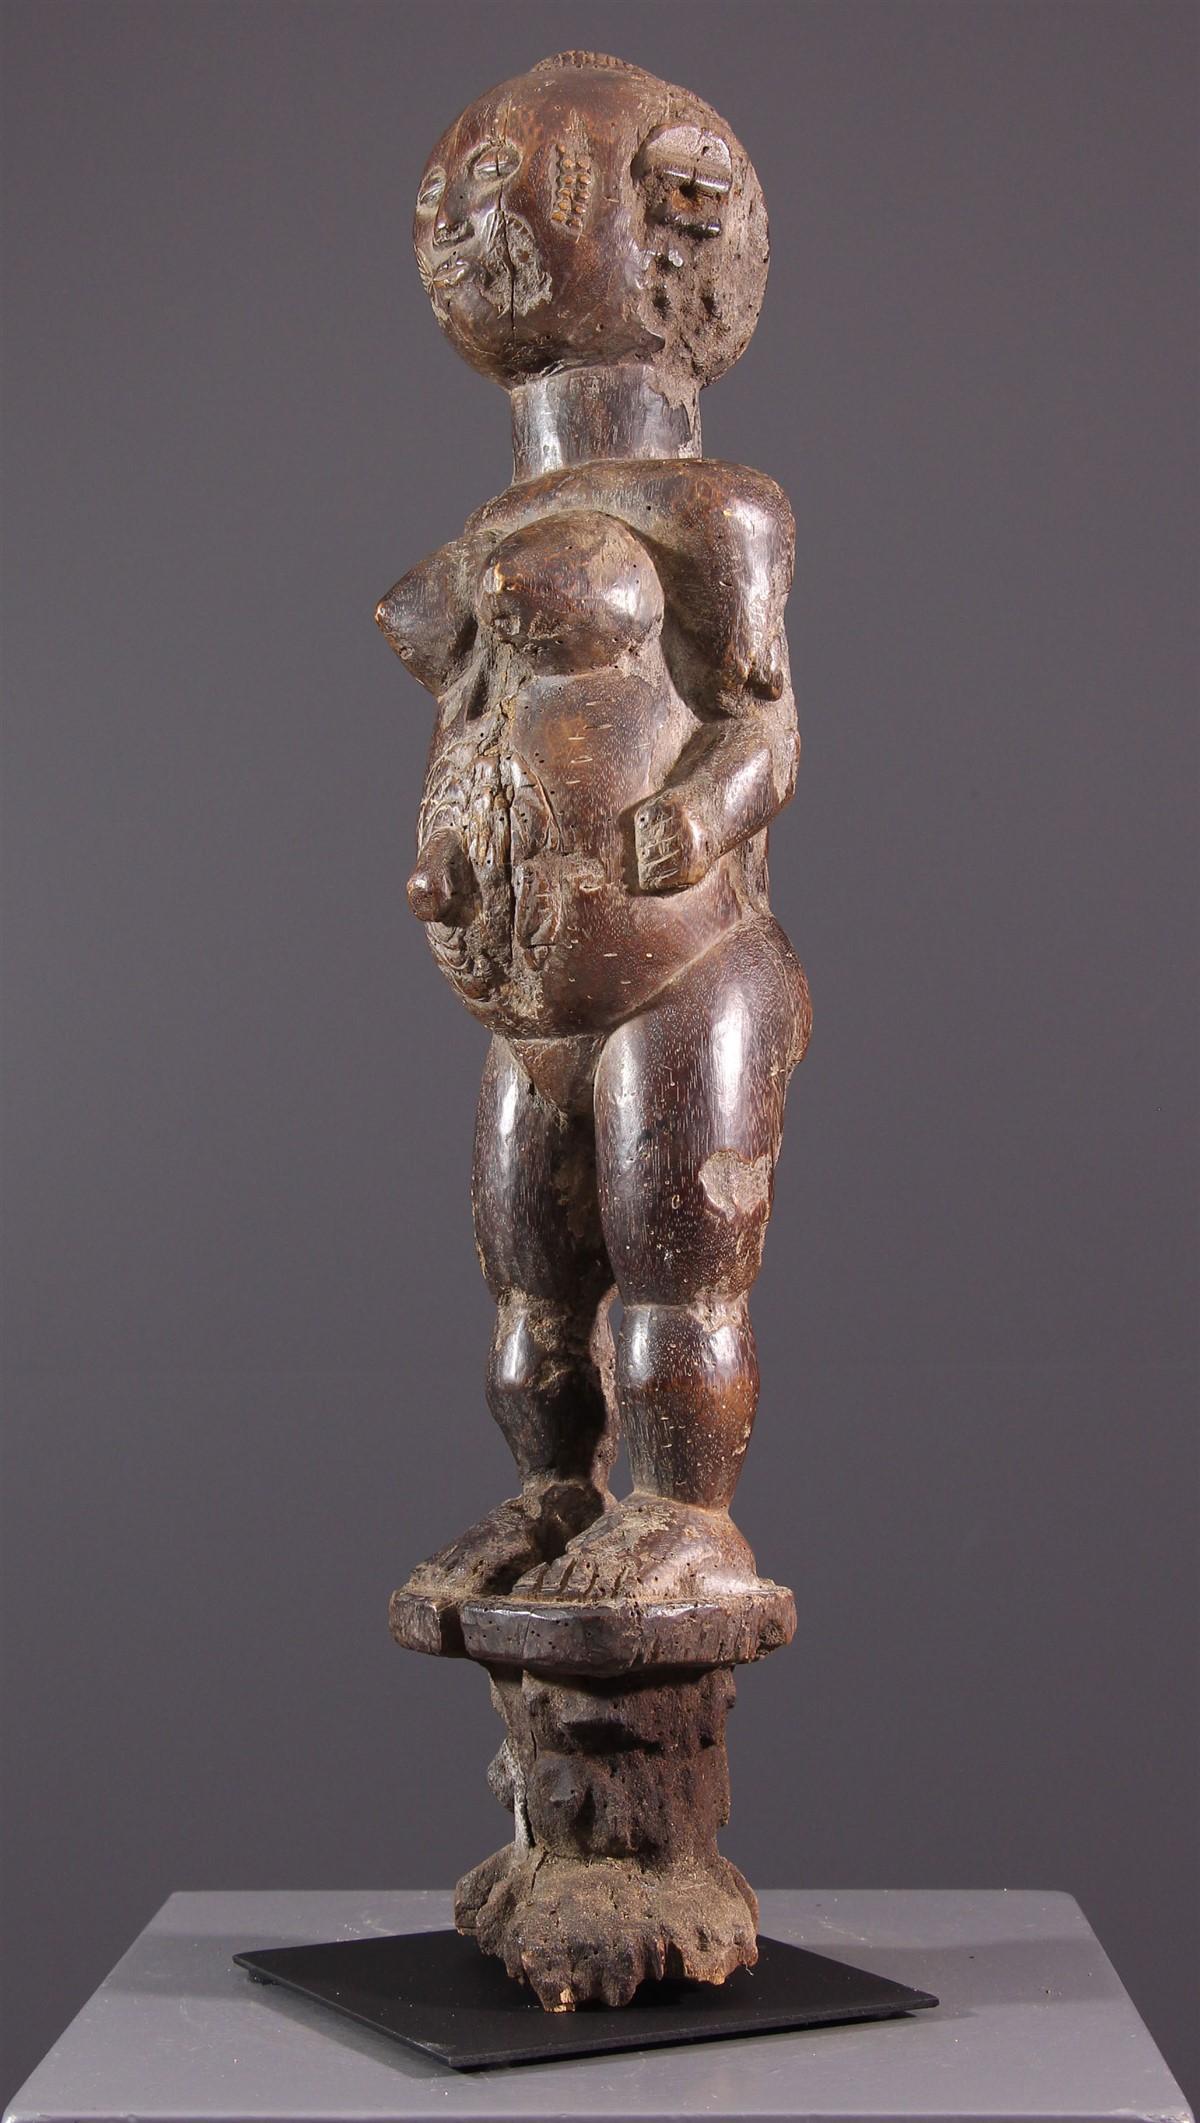 Statue Tiv - African art